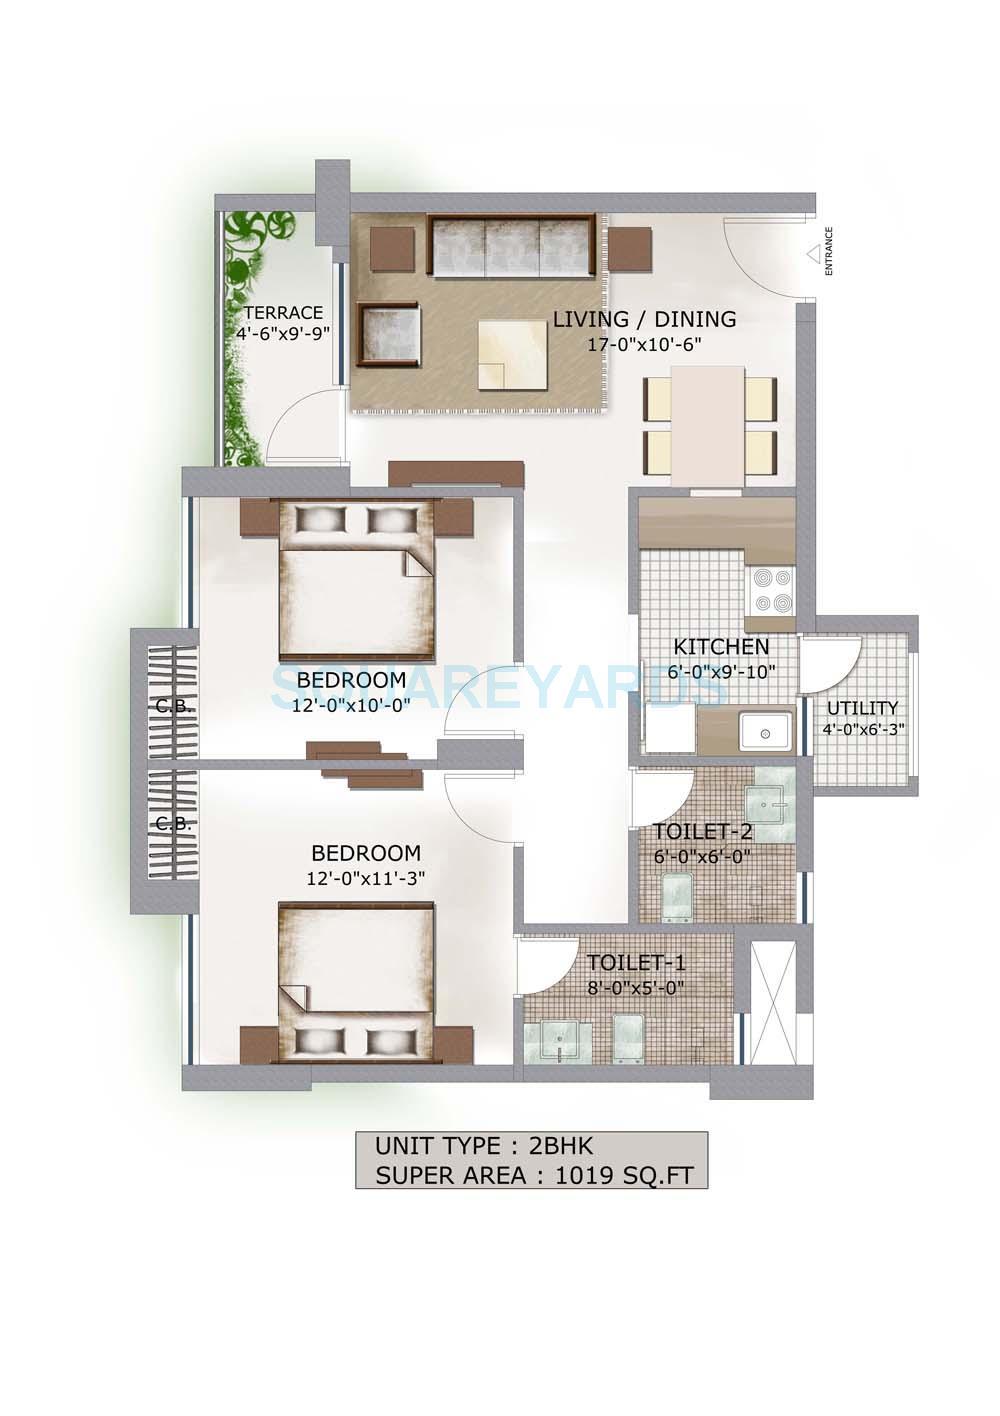 3c lotus boulevard apartment 2bhk 1019sqft 1